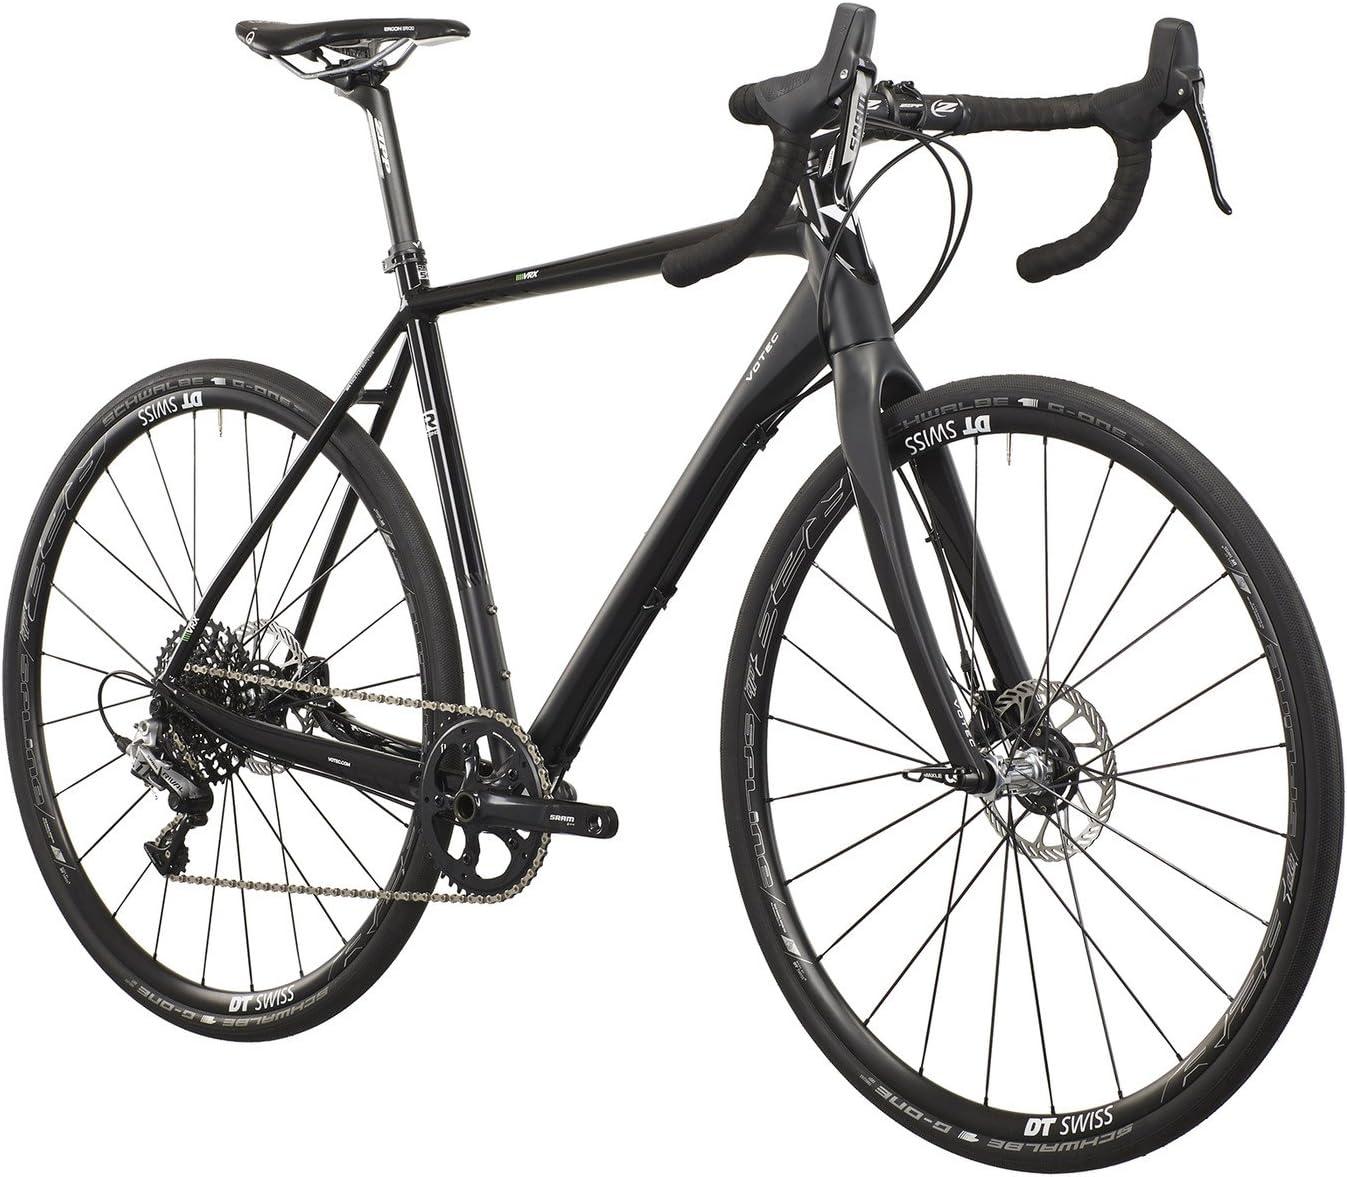 VOTEC VRX-G Pro - Gravel Bike - black matt/black glossy Tamaño del cuadro 48 cm 2016 Bicicletas ciclocross: Amazon.es: Deportes y aire libre